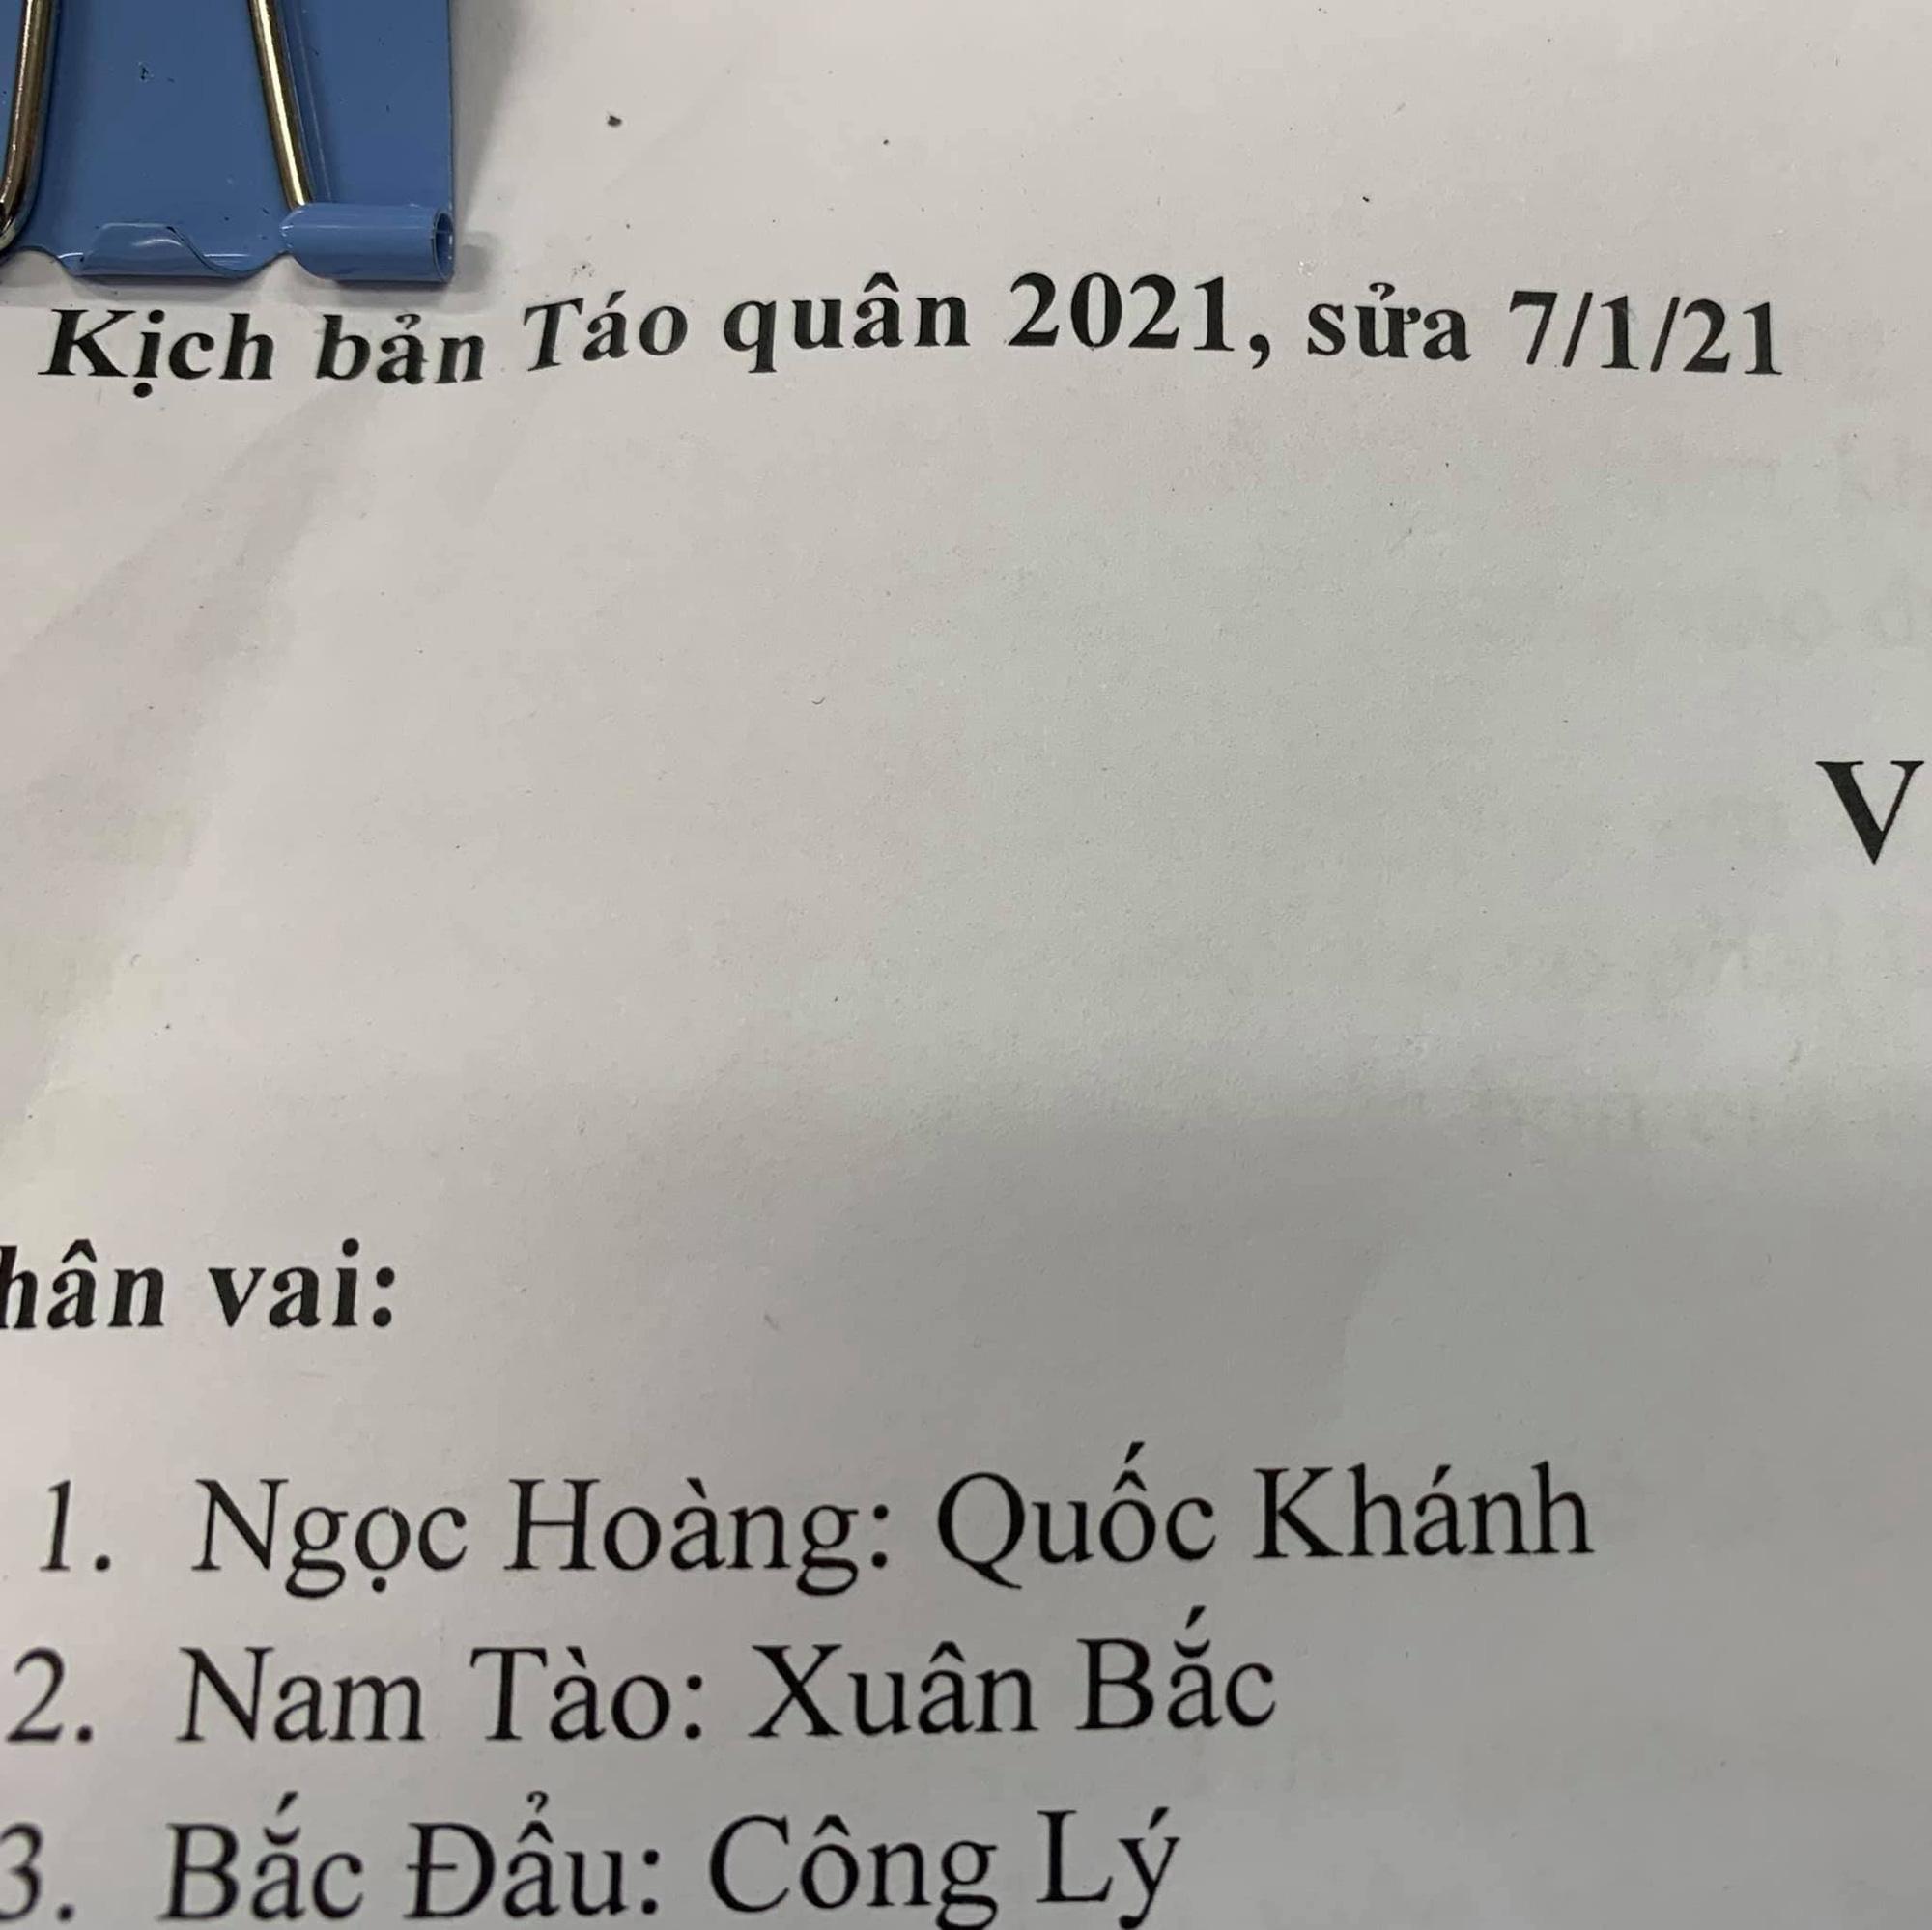 NSƯT Chí Trung đưa ra lời giải đáp về tin đồn Quốc Khánh không tham gia Táo quân 2021 - Ảnh 2.